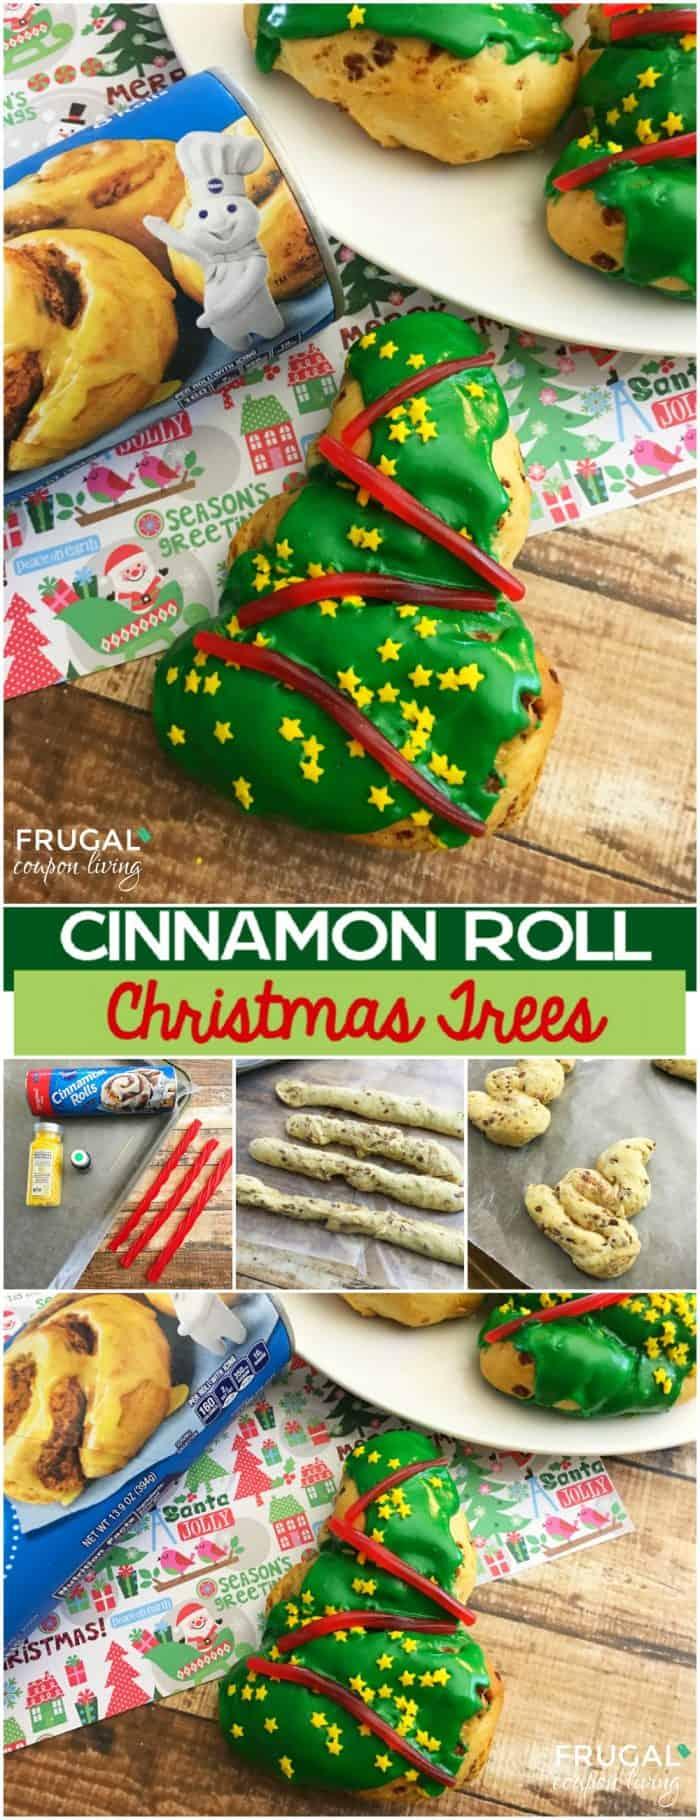 cinnamon-roll-christmas-trees-frugal-coupon-living-long